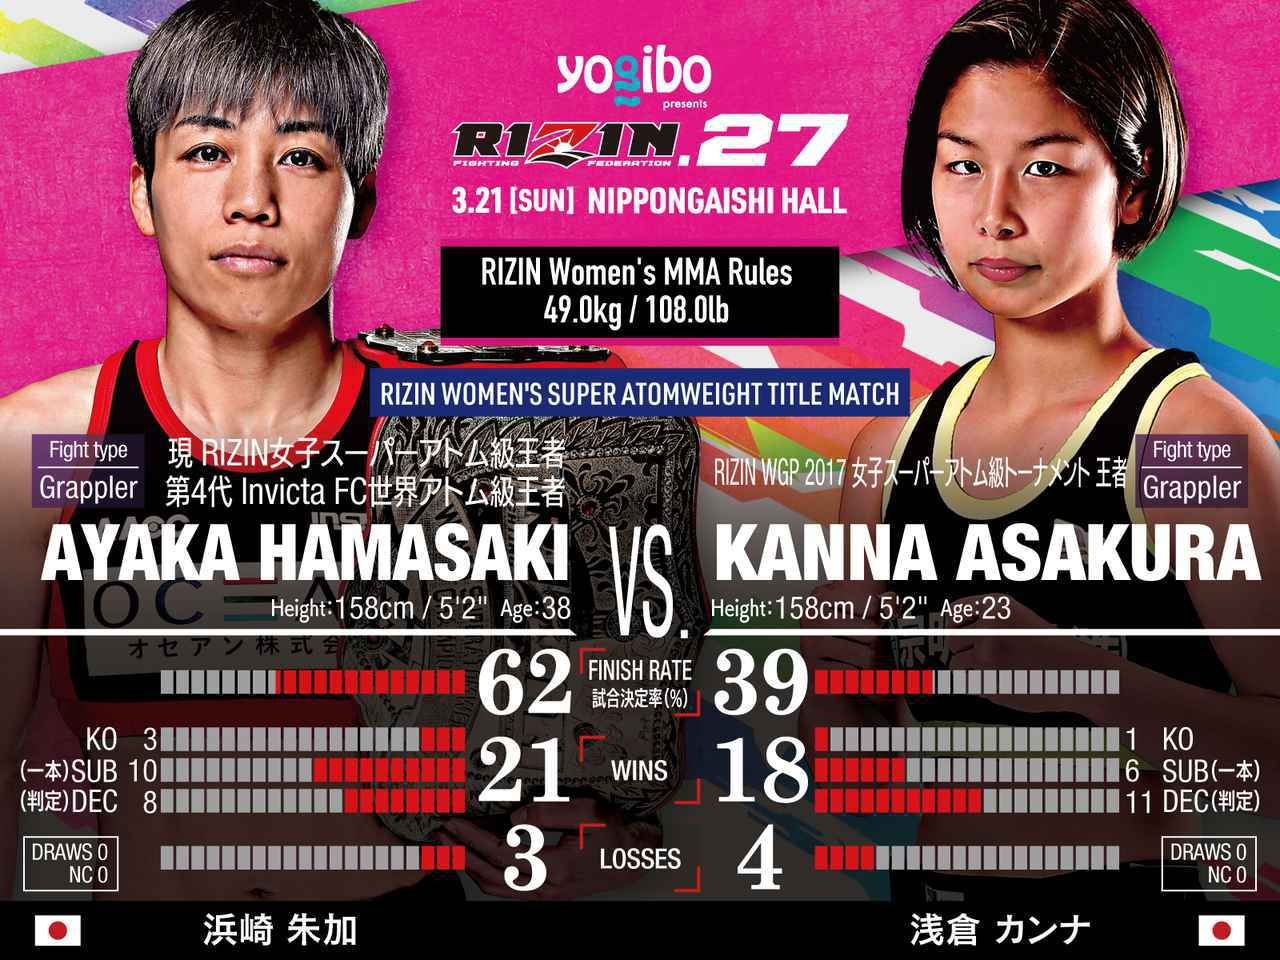 画像: 第14試合 女子スーパーアトム級タイトルマッチ/浜崎朱加 vs. 浅倉カンナ